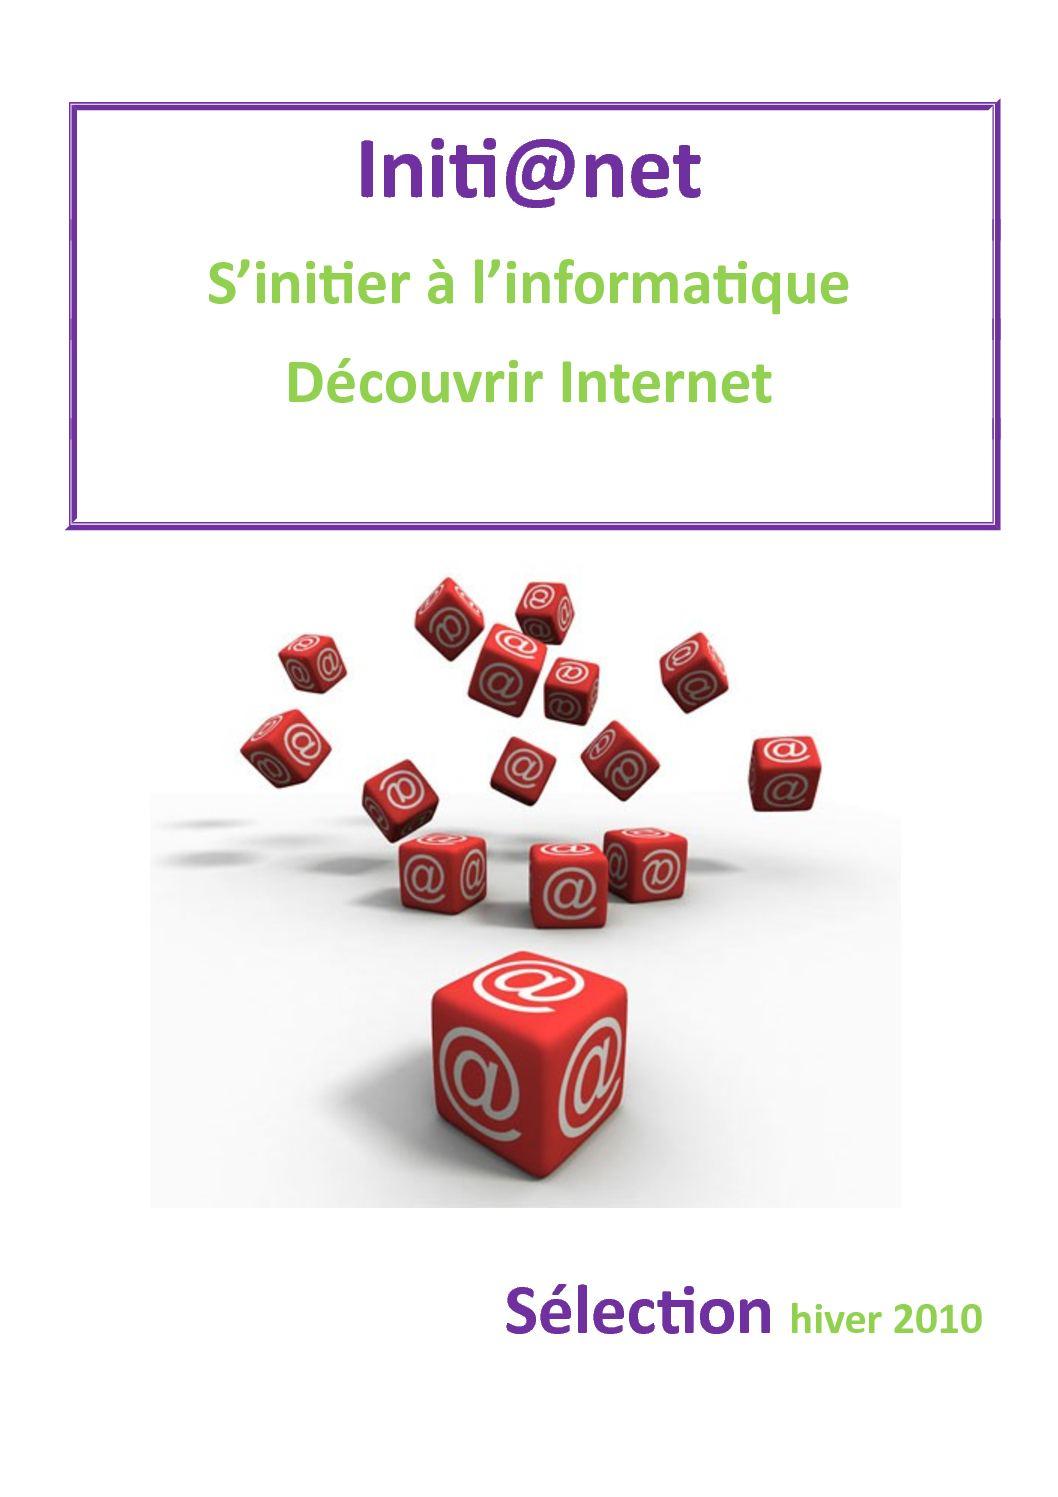 Initi@net s'initier à l'informatique découvrir Internet